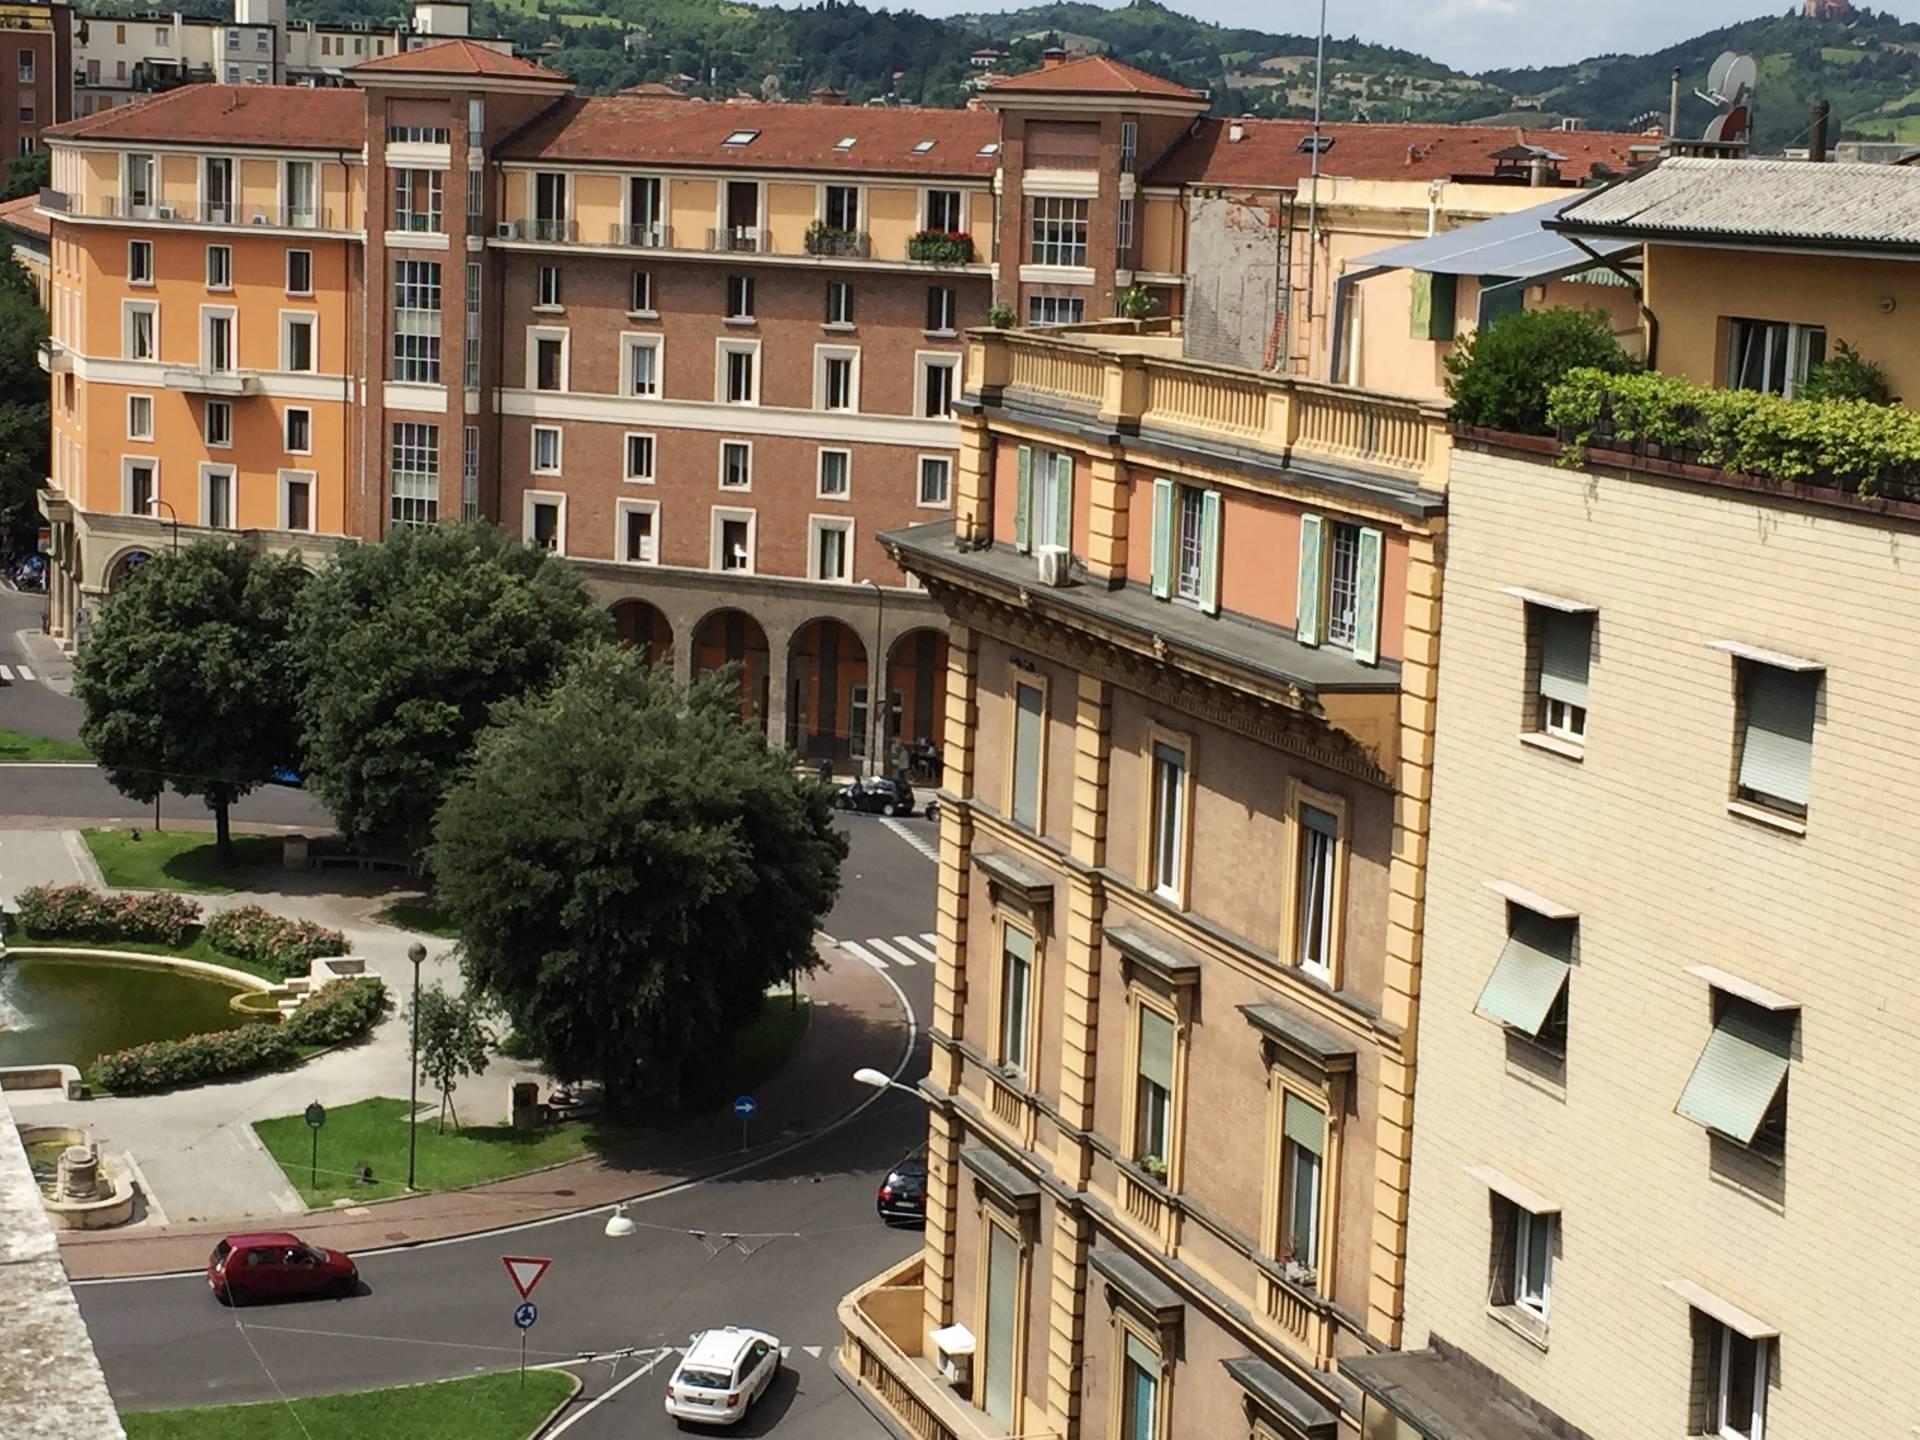 Attico / Mansarda in vendita a Bologna, 2 locali, zona Località: Centrostorico, prezzo € 270.000 | Cambio Casa.it